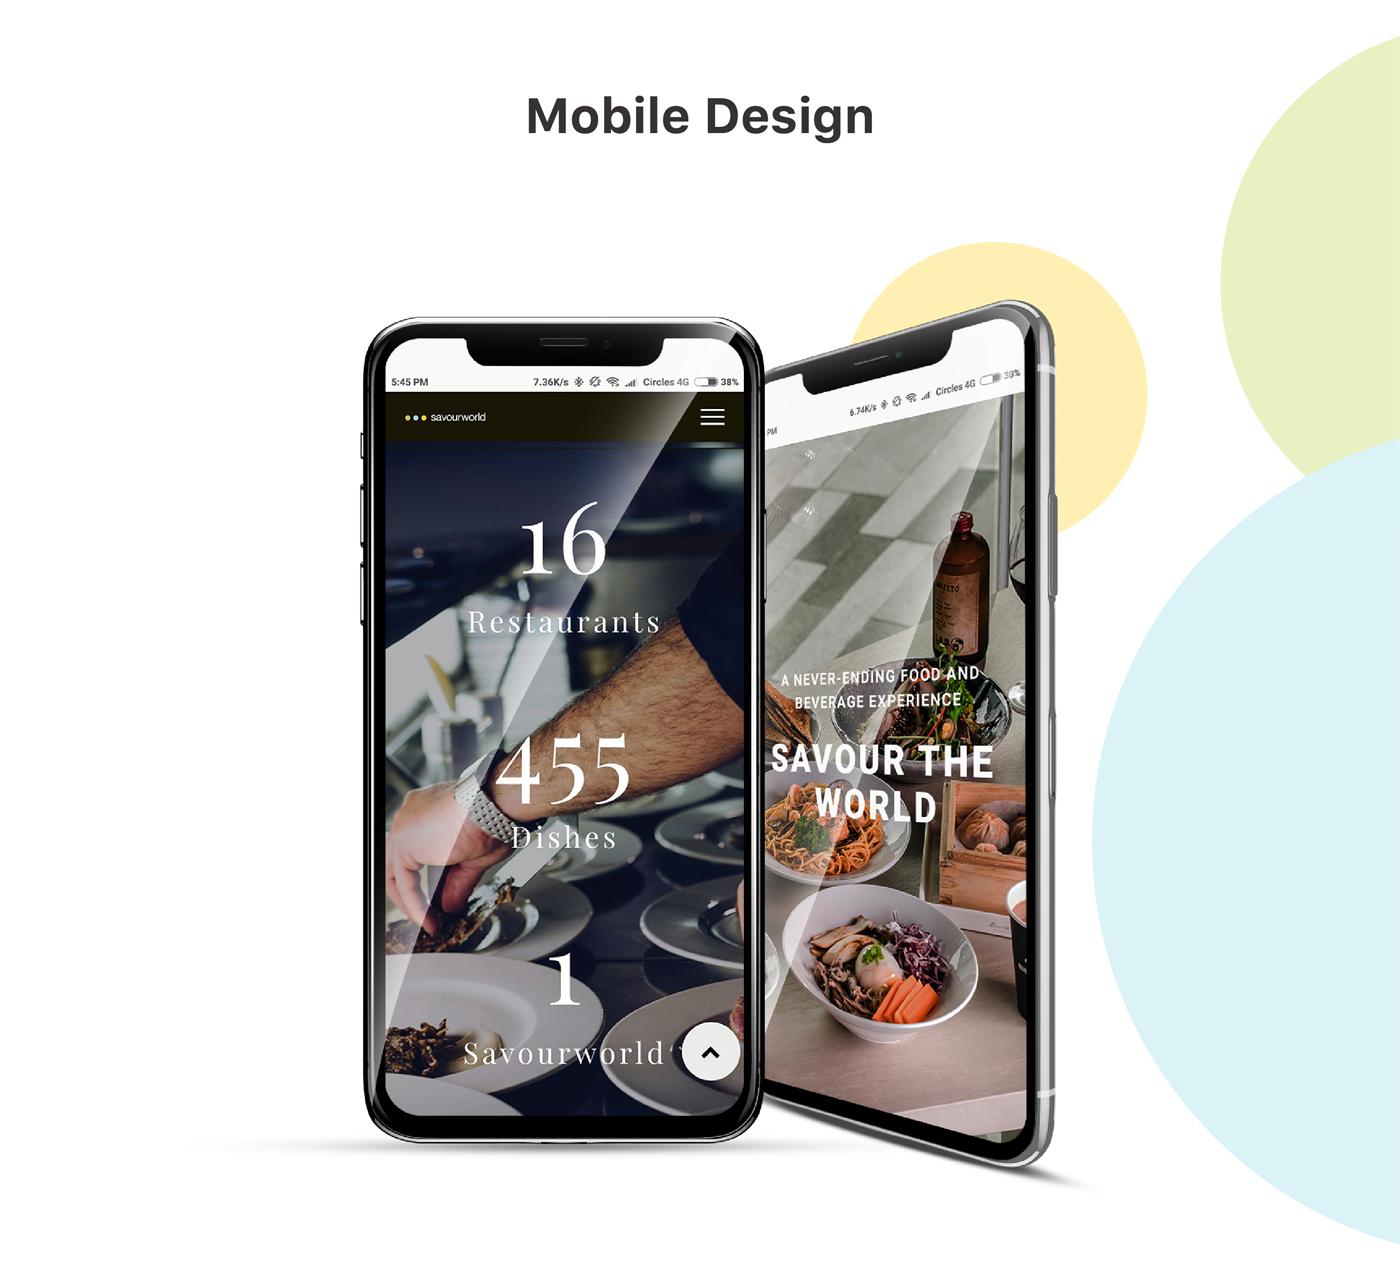 restaurant website mobile app design mockup